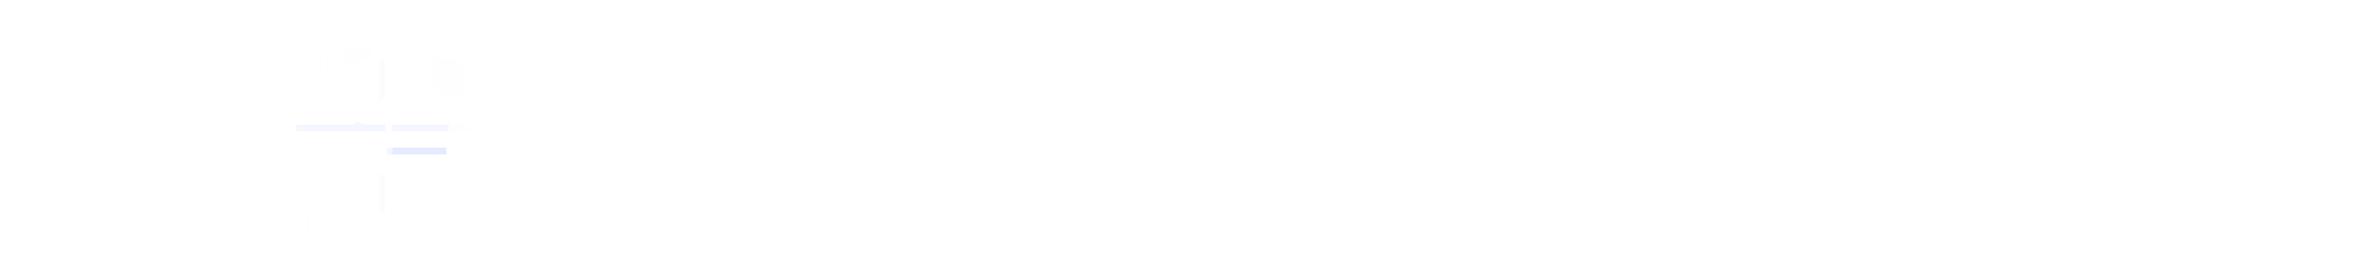 primelayer-partnerships-sroad